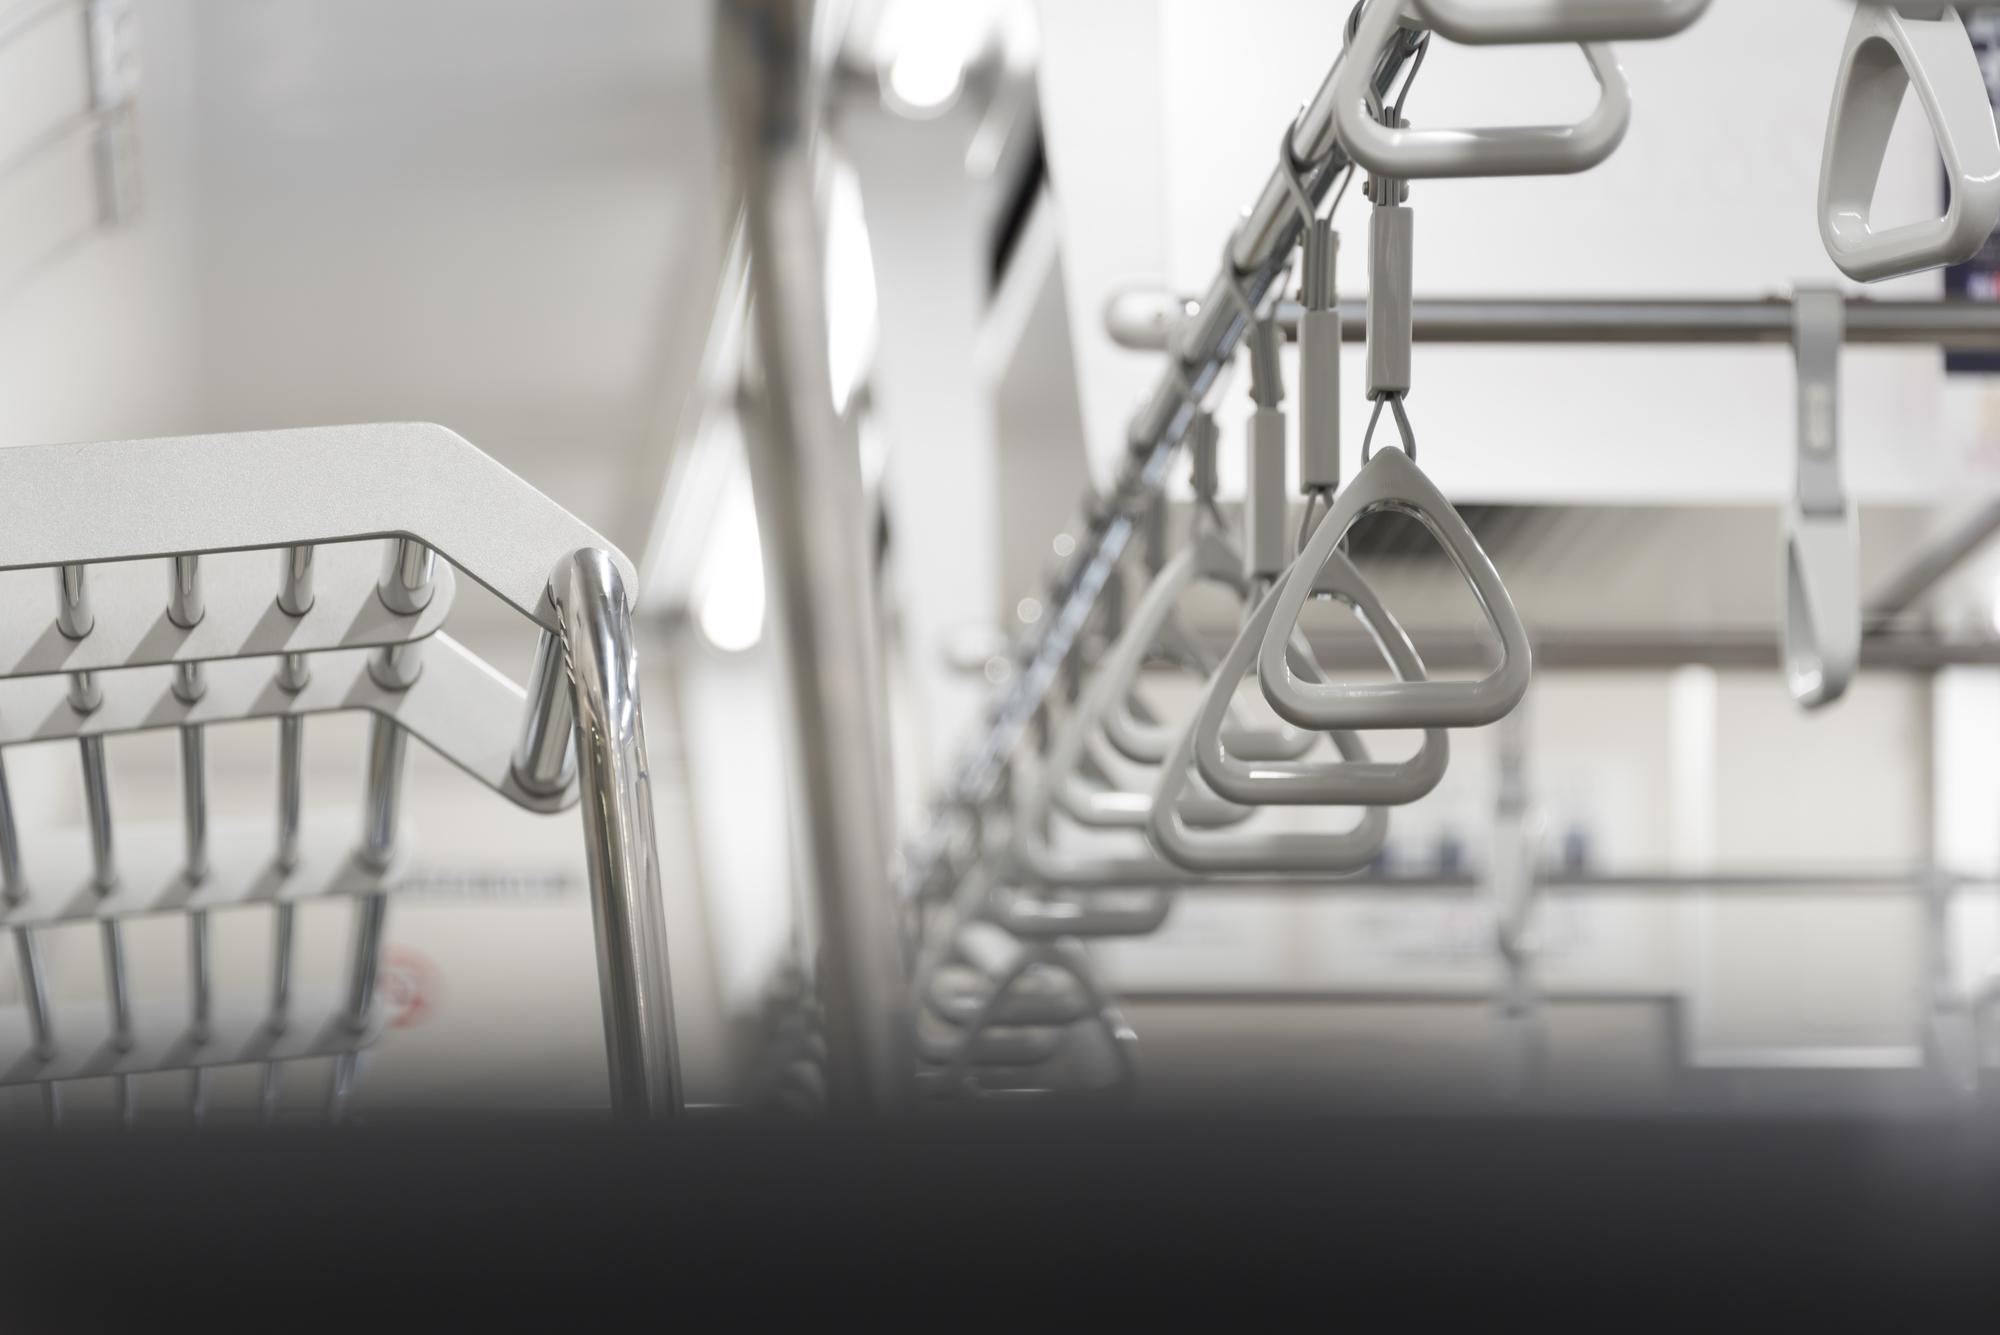 通勤電車で「荷物を網棚に置く」と脳が活性化する! 医師が解説